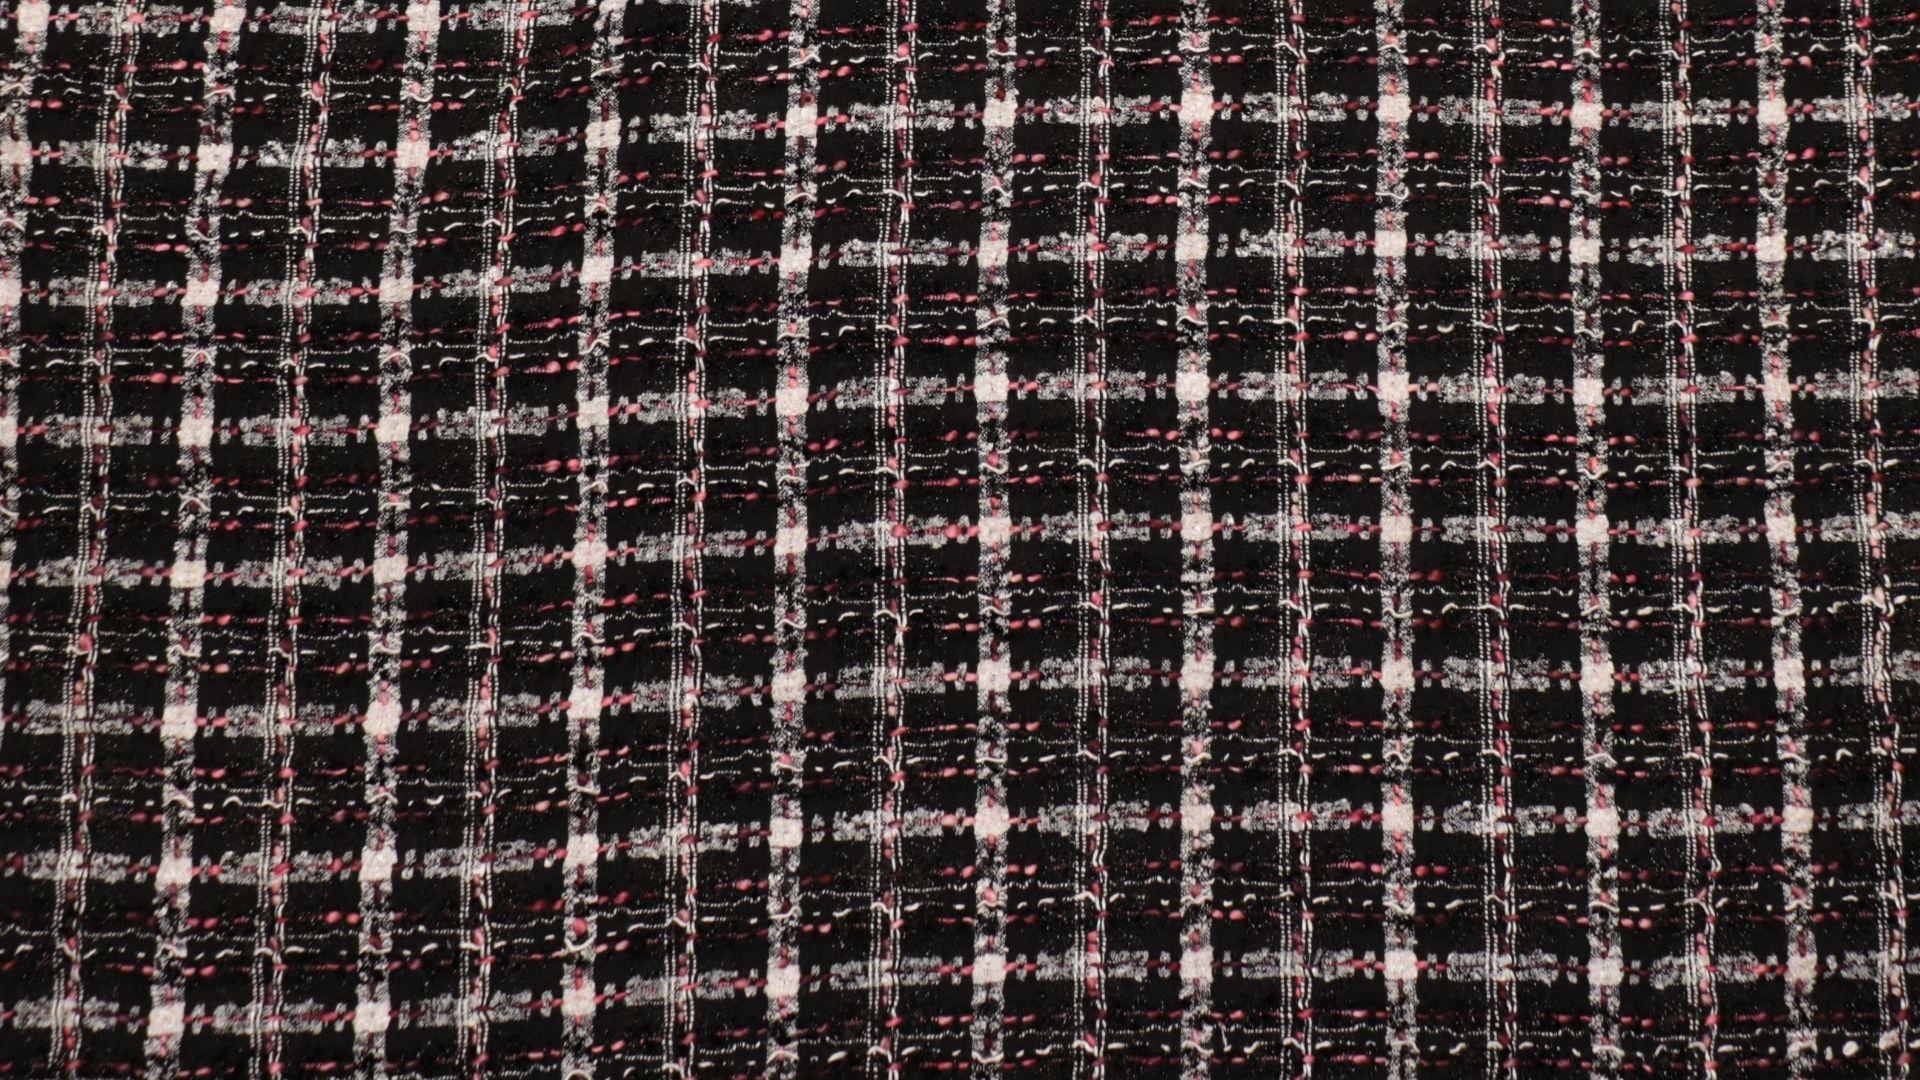 il particolare del tessuto tailleursuniverse, appartenente alla categoria fantasie tailleurs, di Leadford & Logan